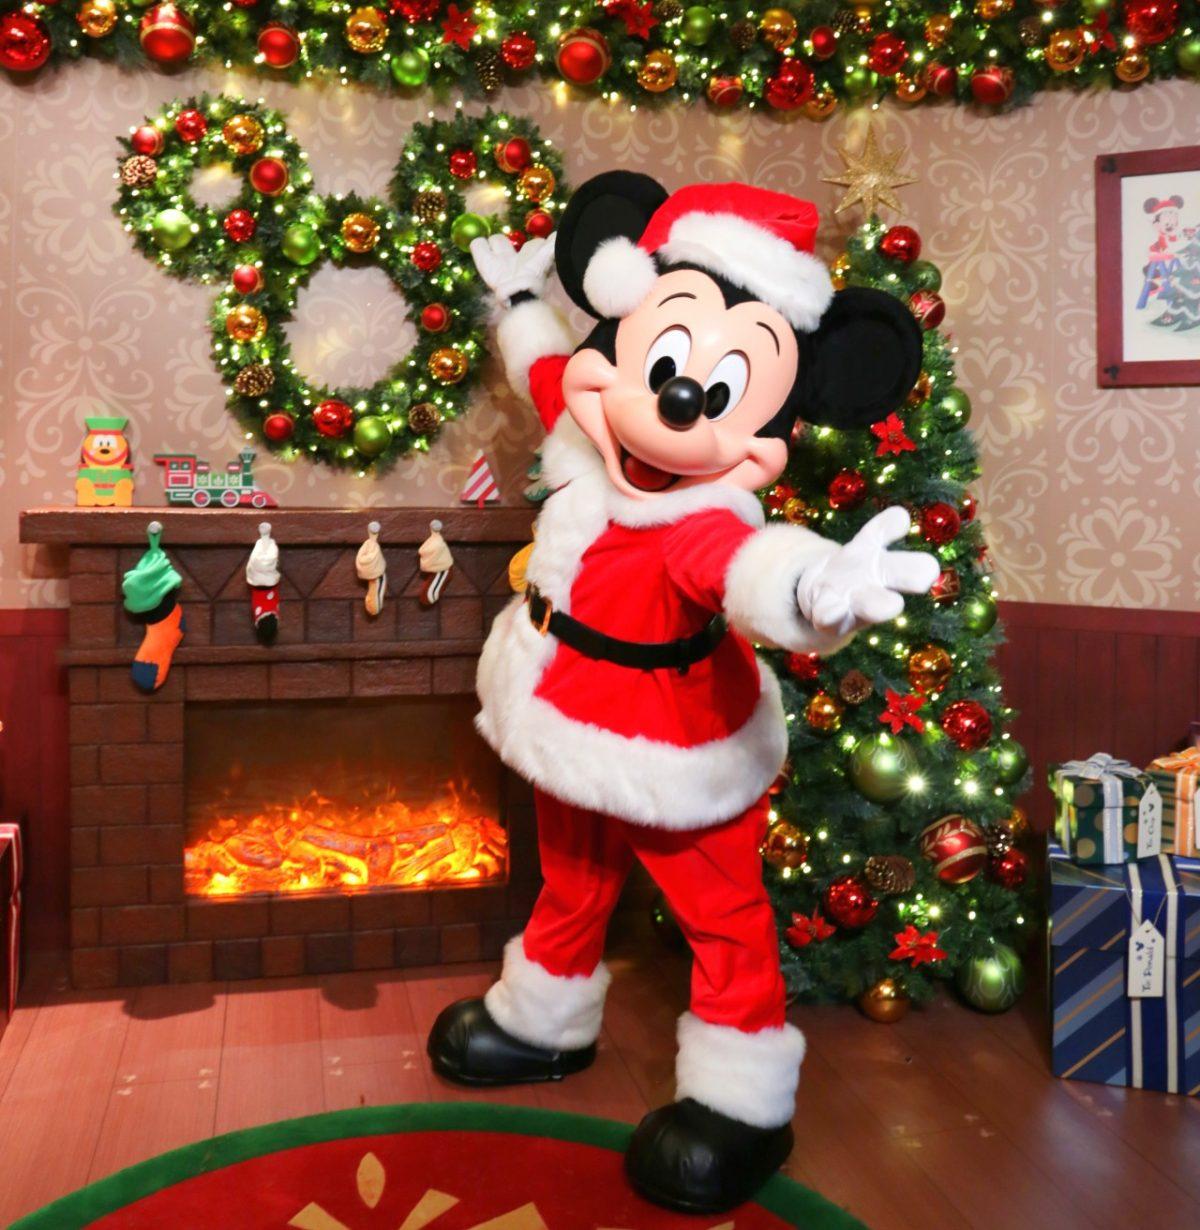 《香港ディズニー特集》徳島から意外と近い! 香港ディズニーでクリスマス